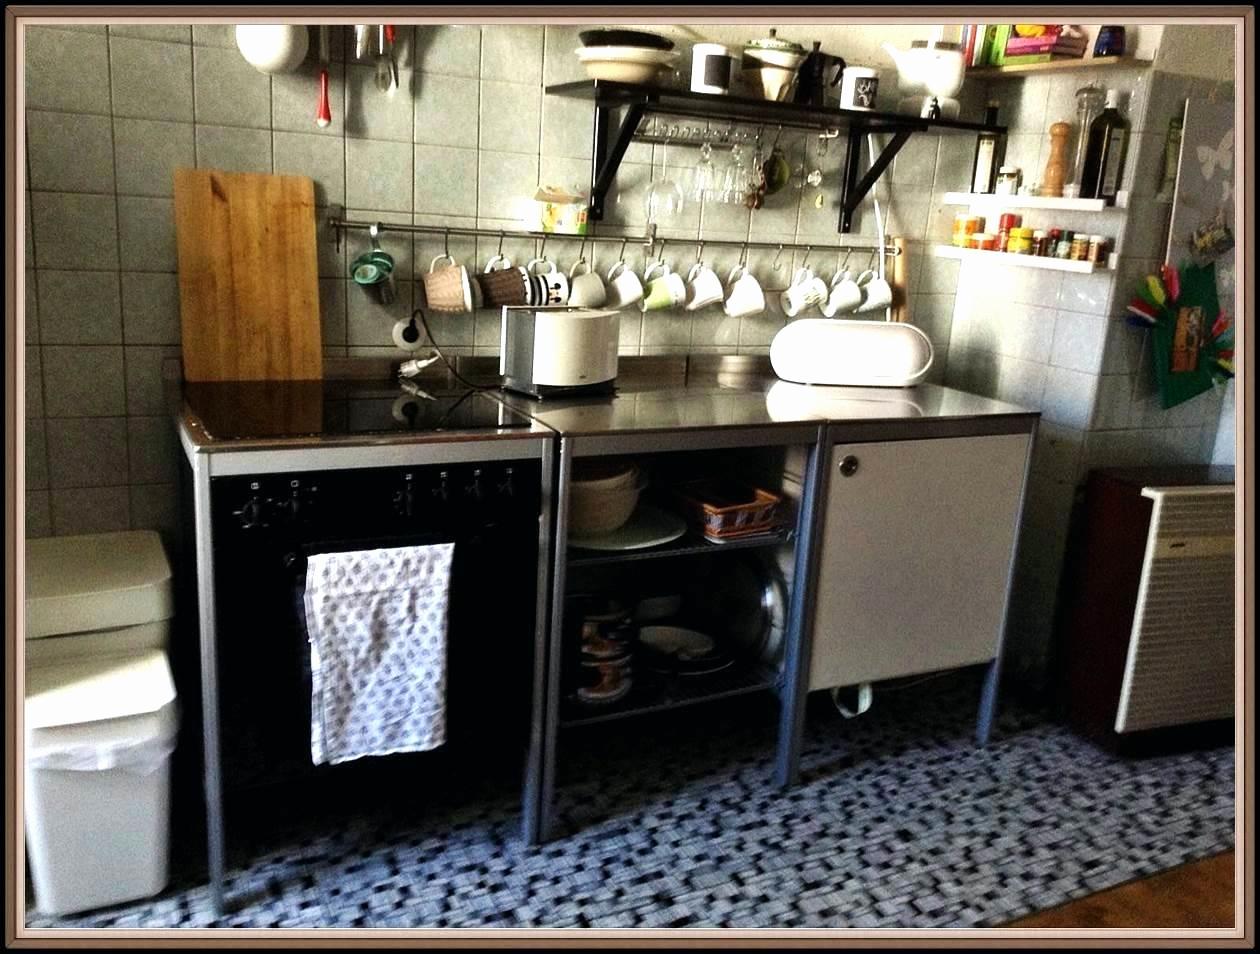 Full Size of Ebay Kueche Ikea Vaerde Ordning Brotkasten Aus Edelstahl Betten 160x200 Miniküche Küche Kosten Modulküche Sofa Mit Schlaffunktion Bei Holz Kaufen Wohnzimmer Ikea Modulküche Värde